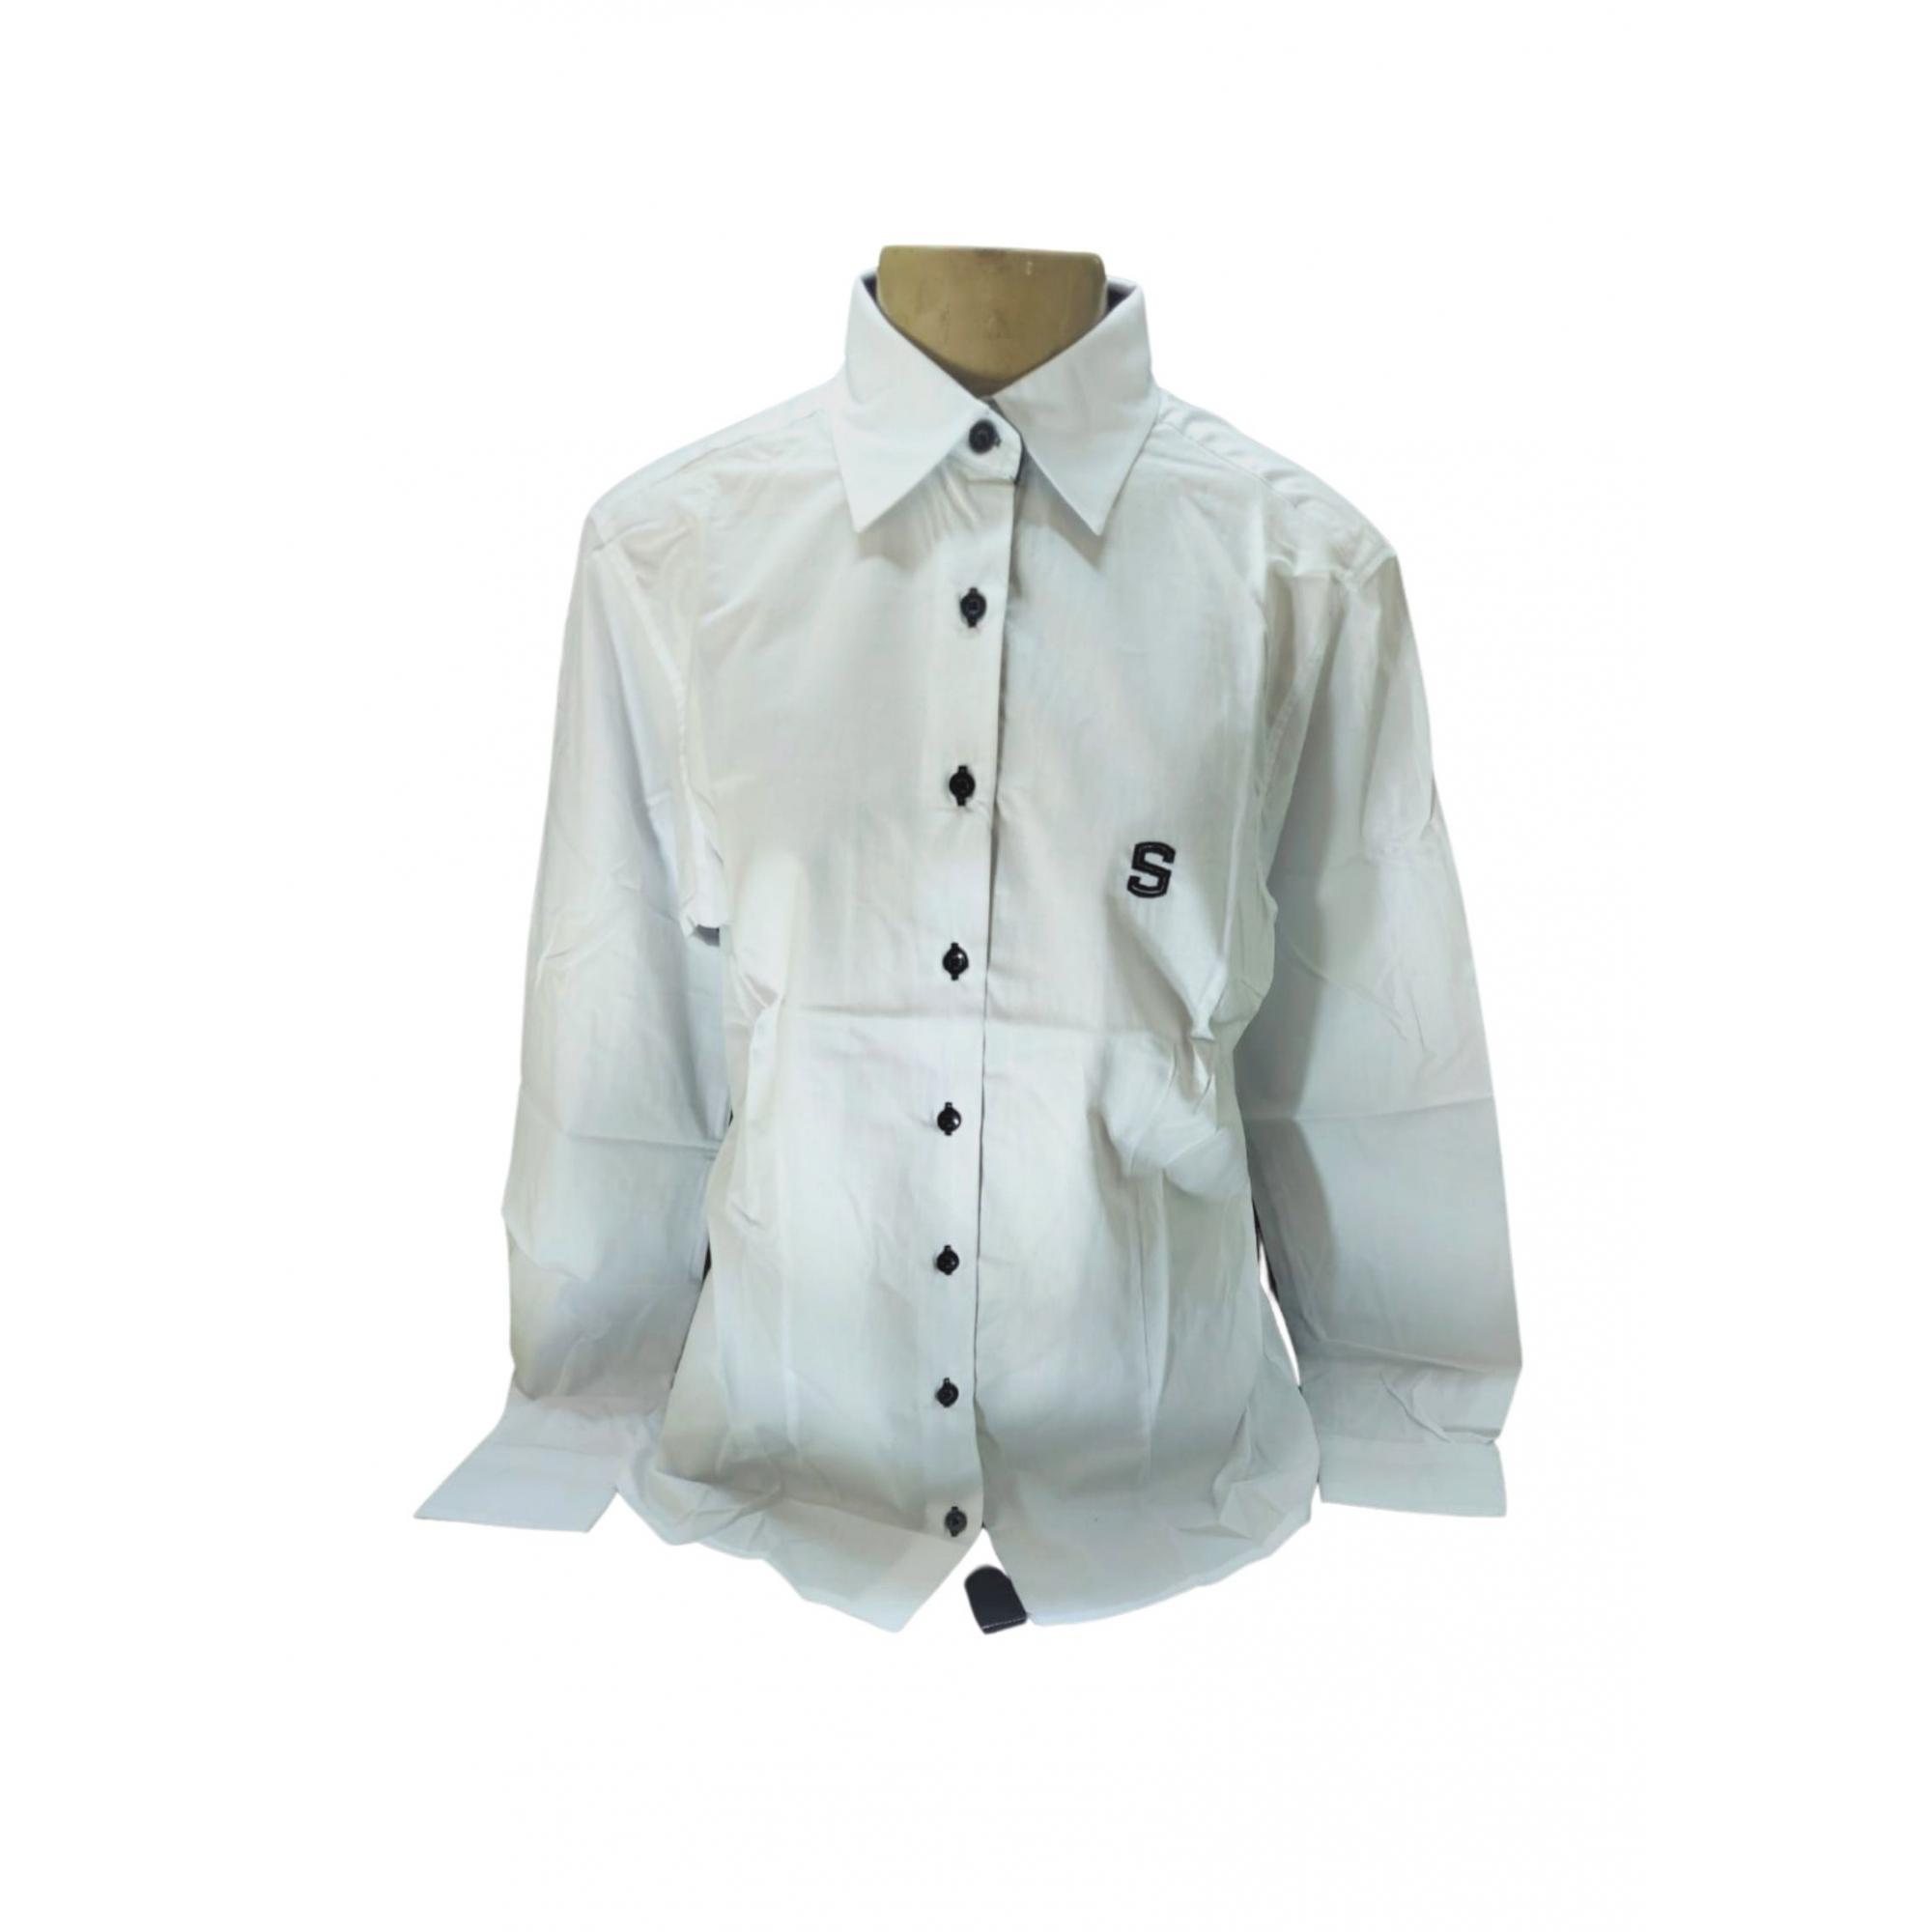 Camisa social Santos feminina